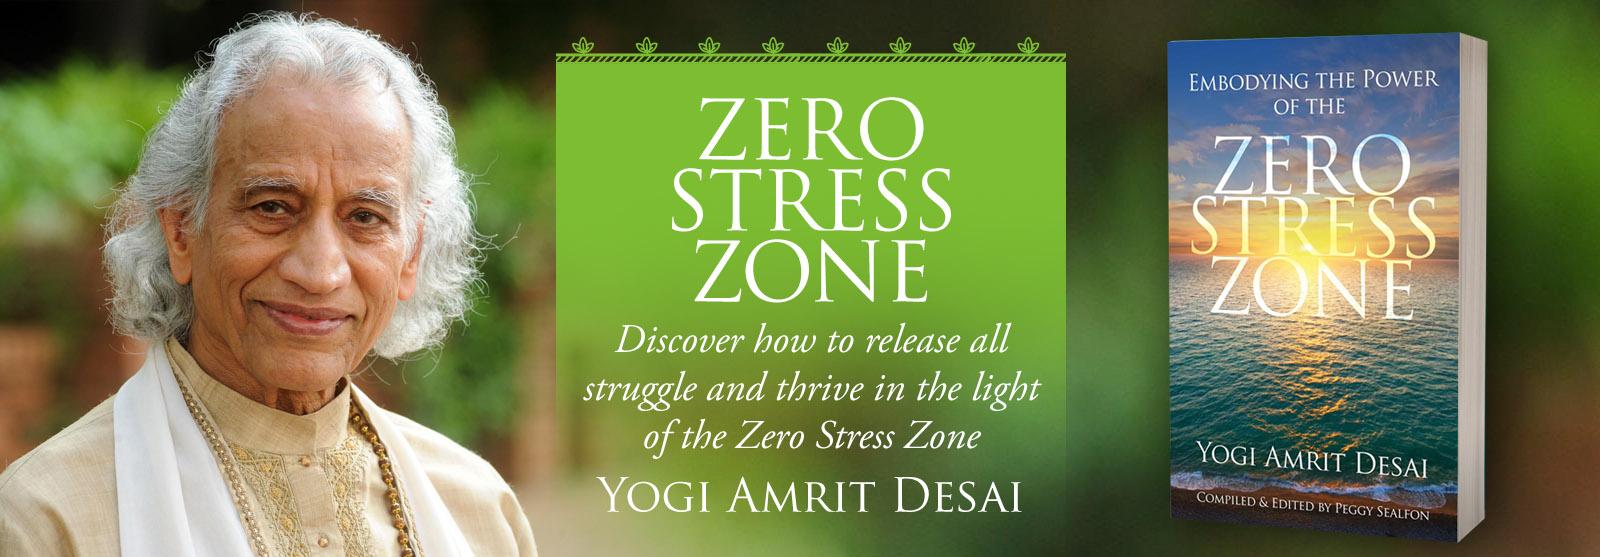 Zero Stress Zone